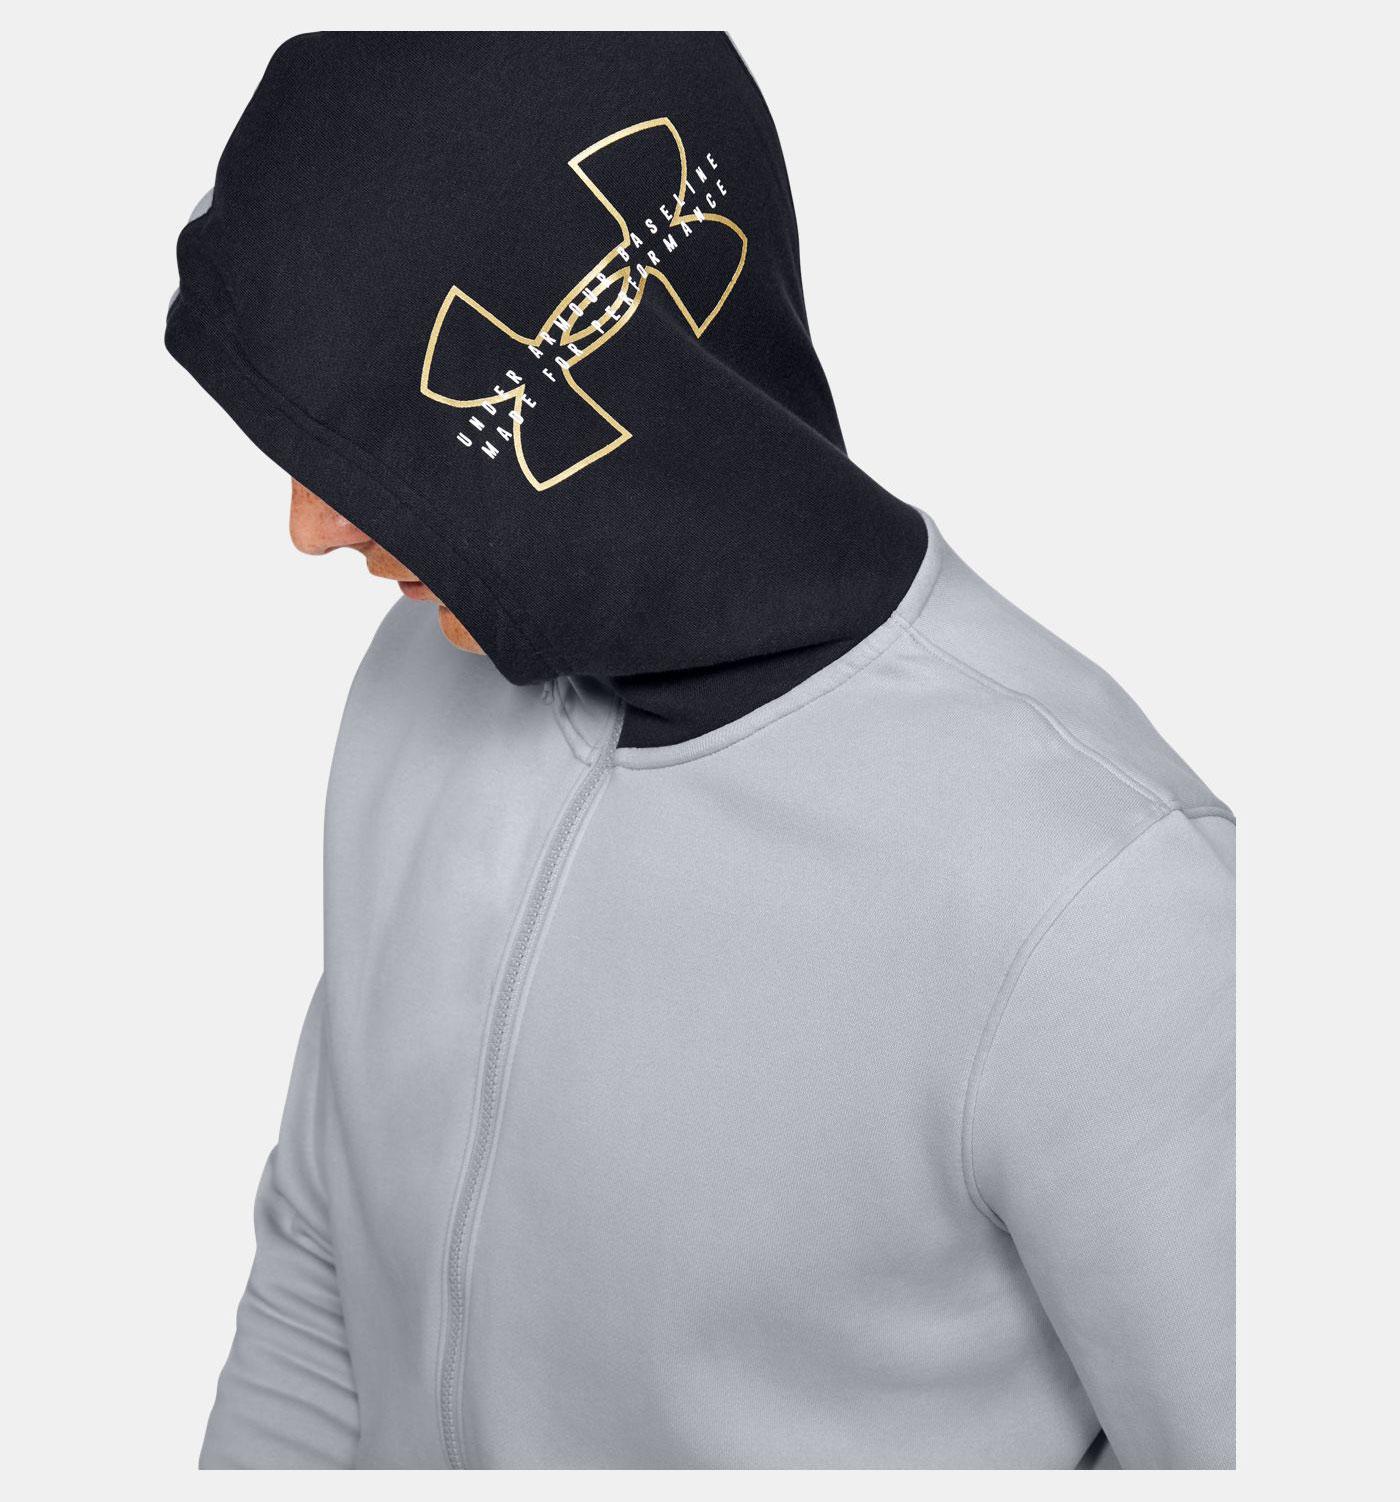 curry-7-hoodie-black-grey-2